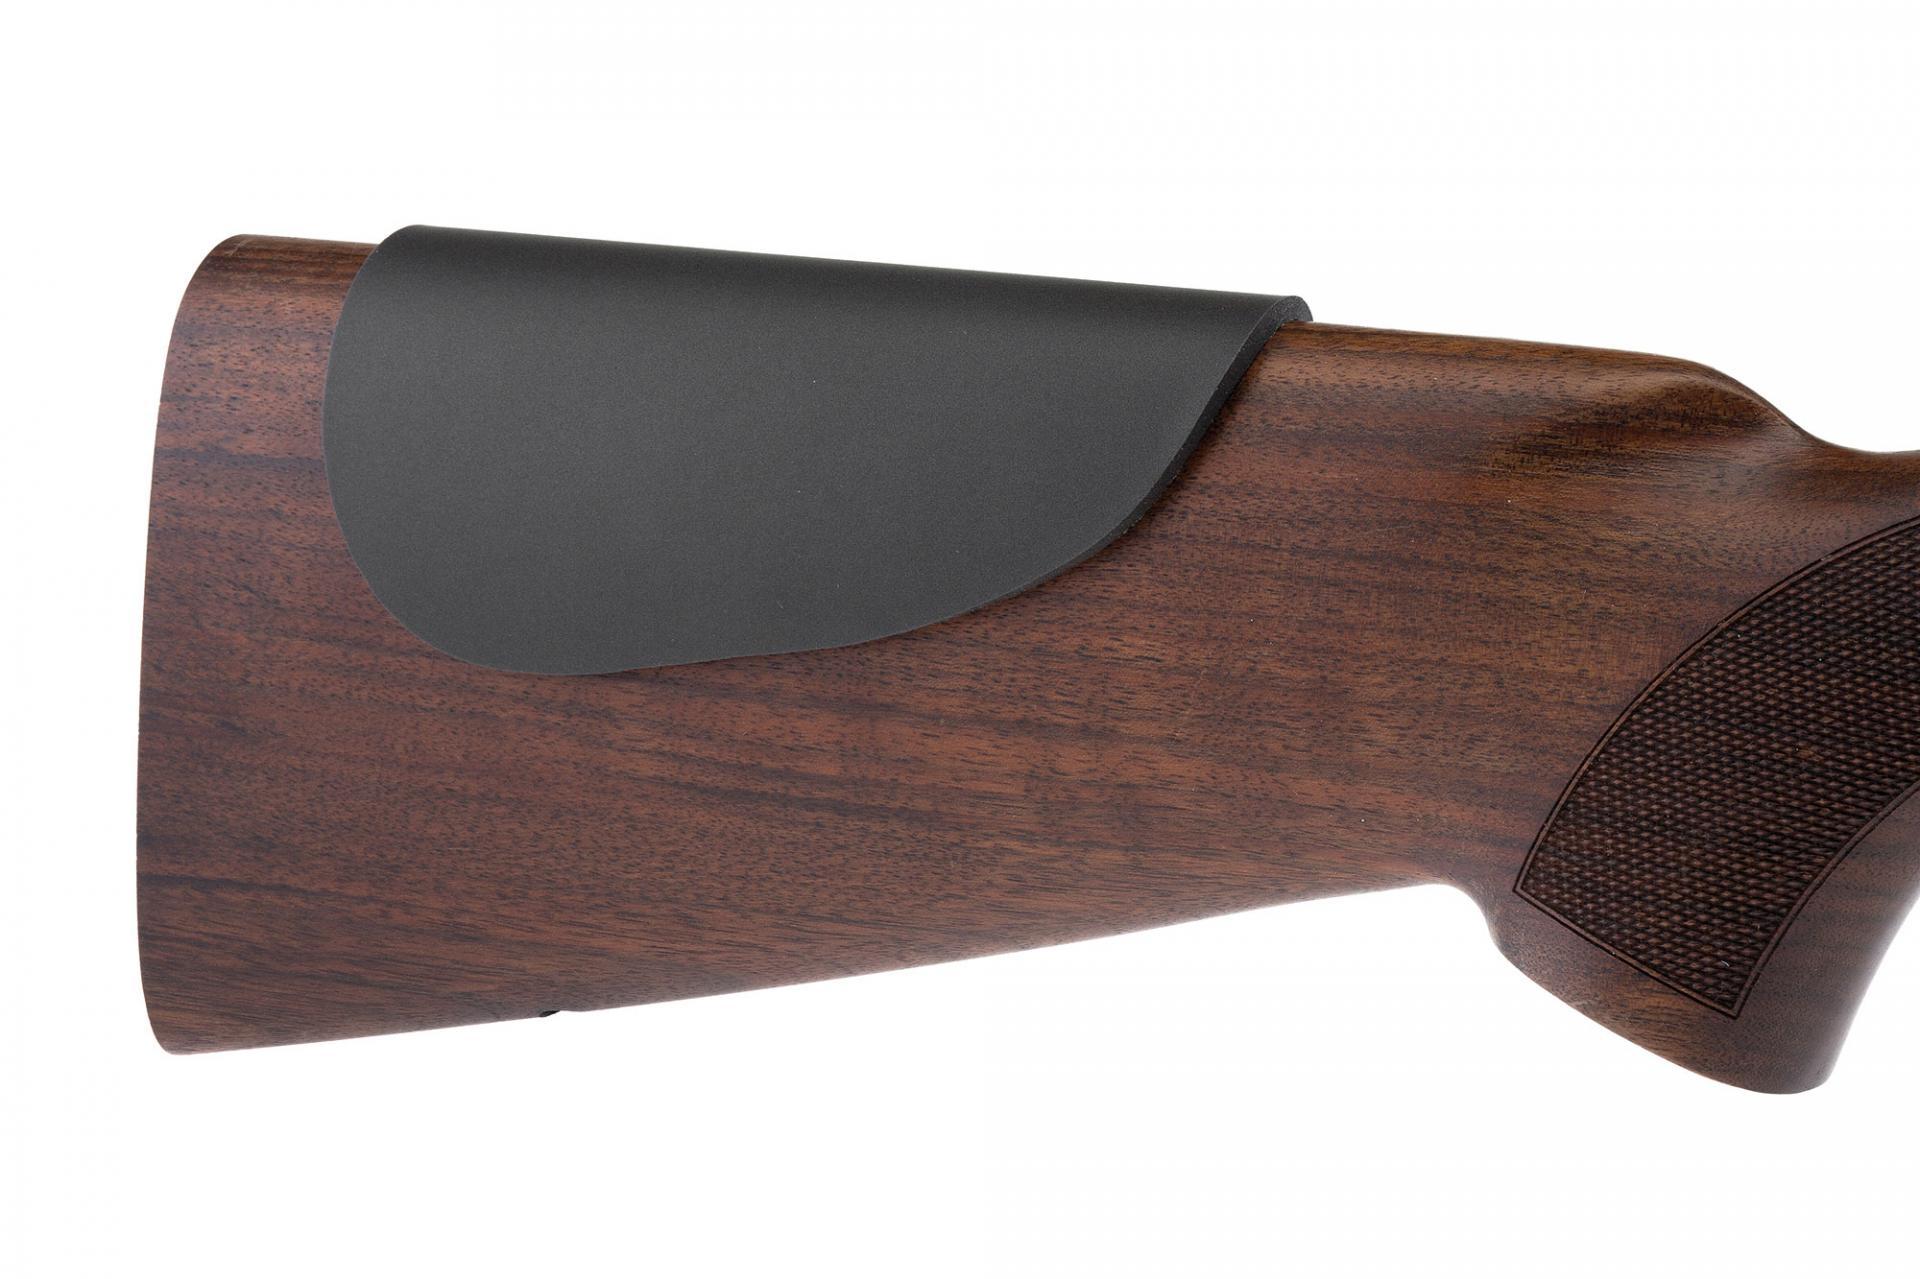 Joue de protection e paisseur 6mm kick eez en sorbothane qui absorbe les chocs de tir au fusil ou carabine